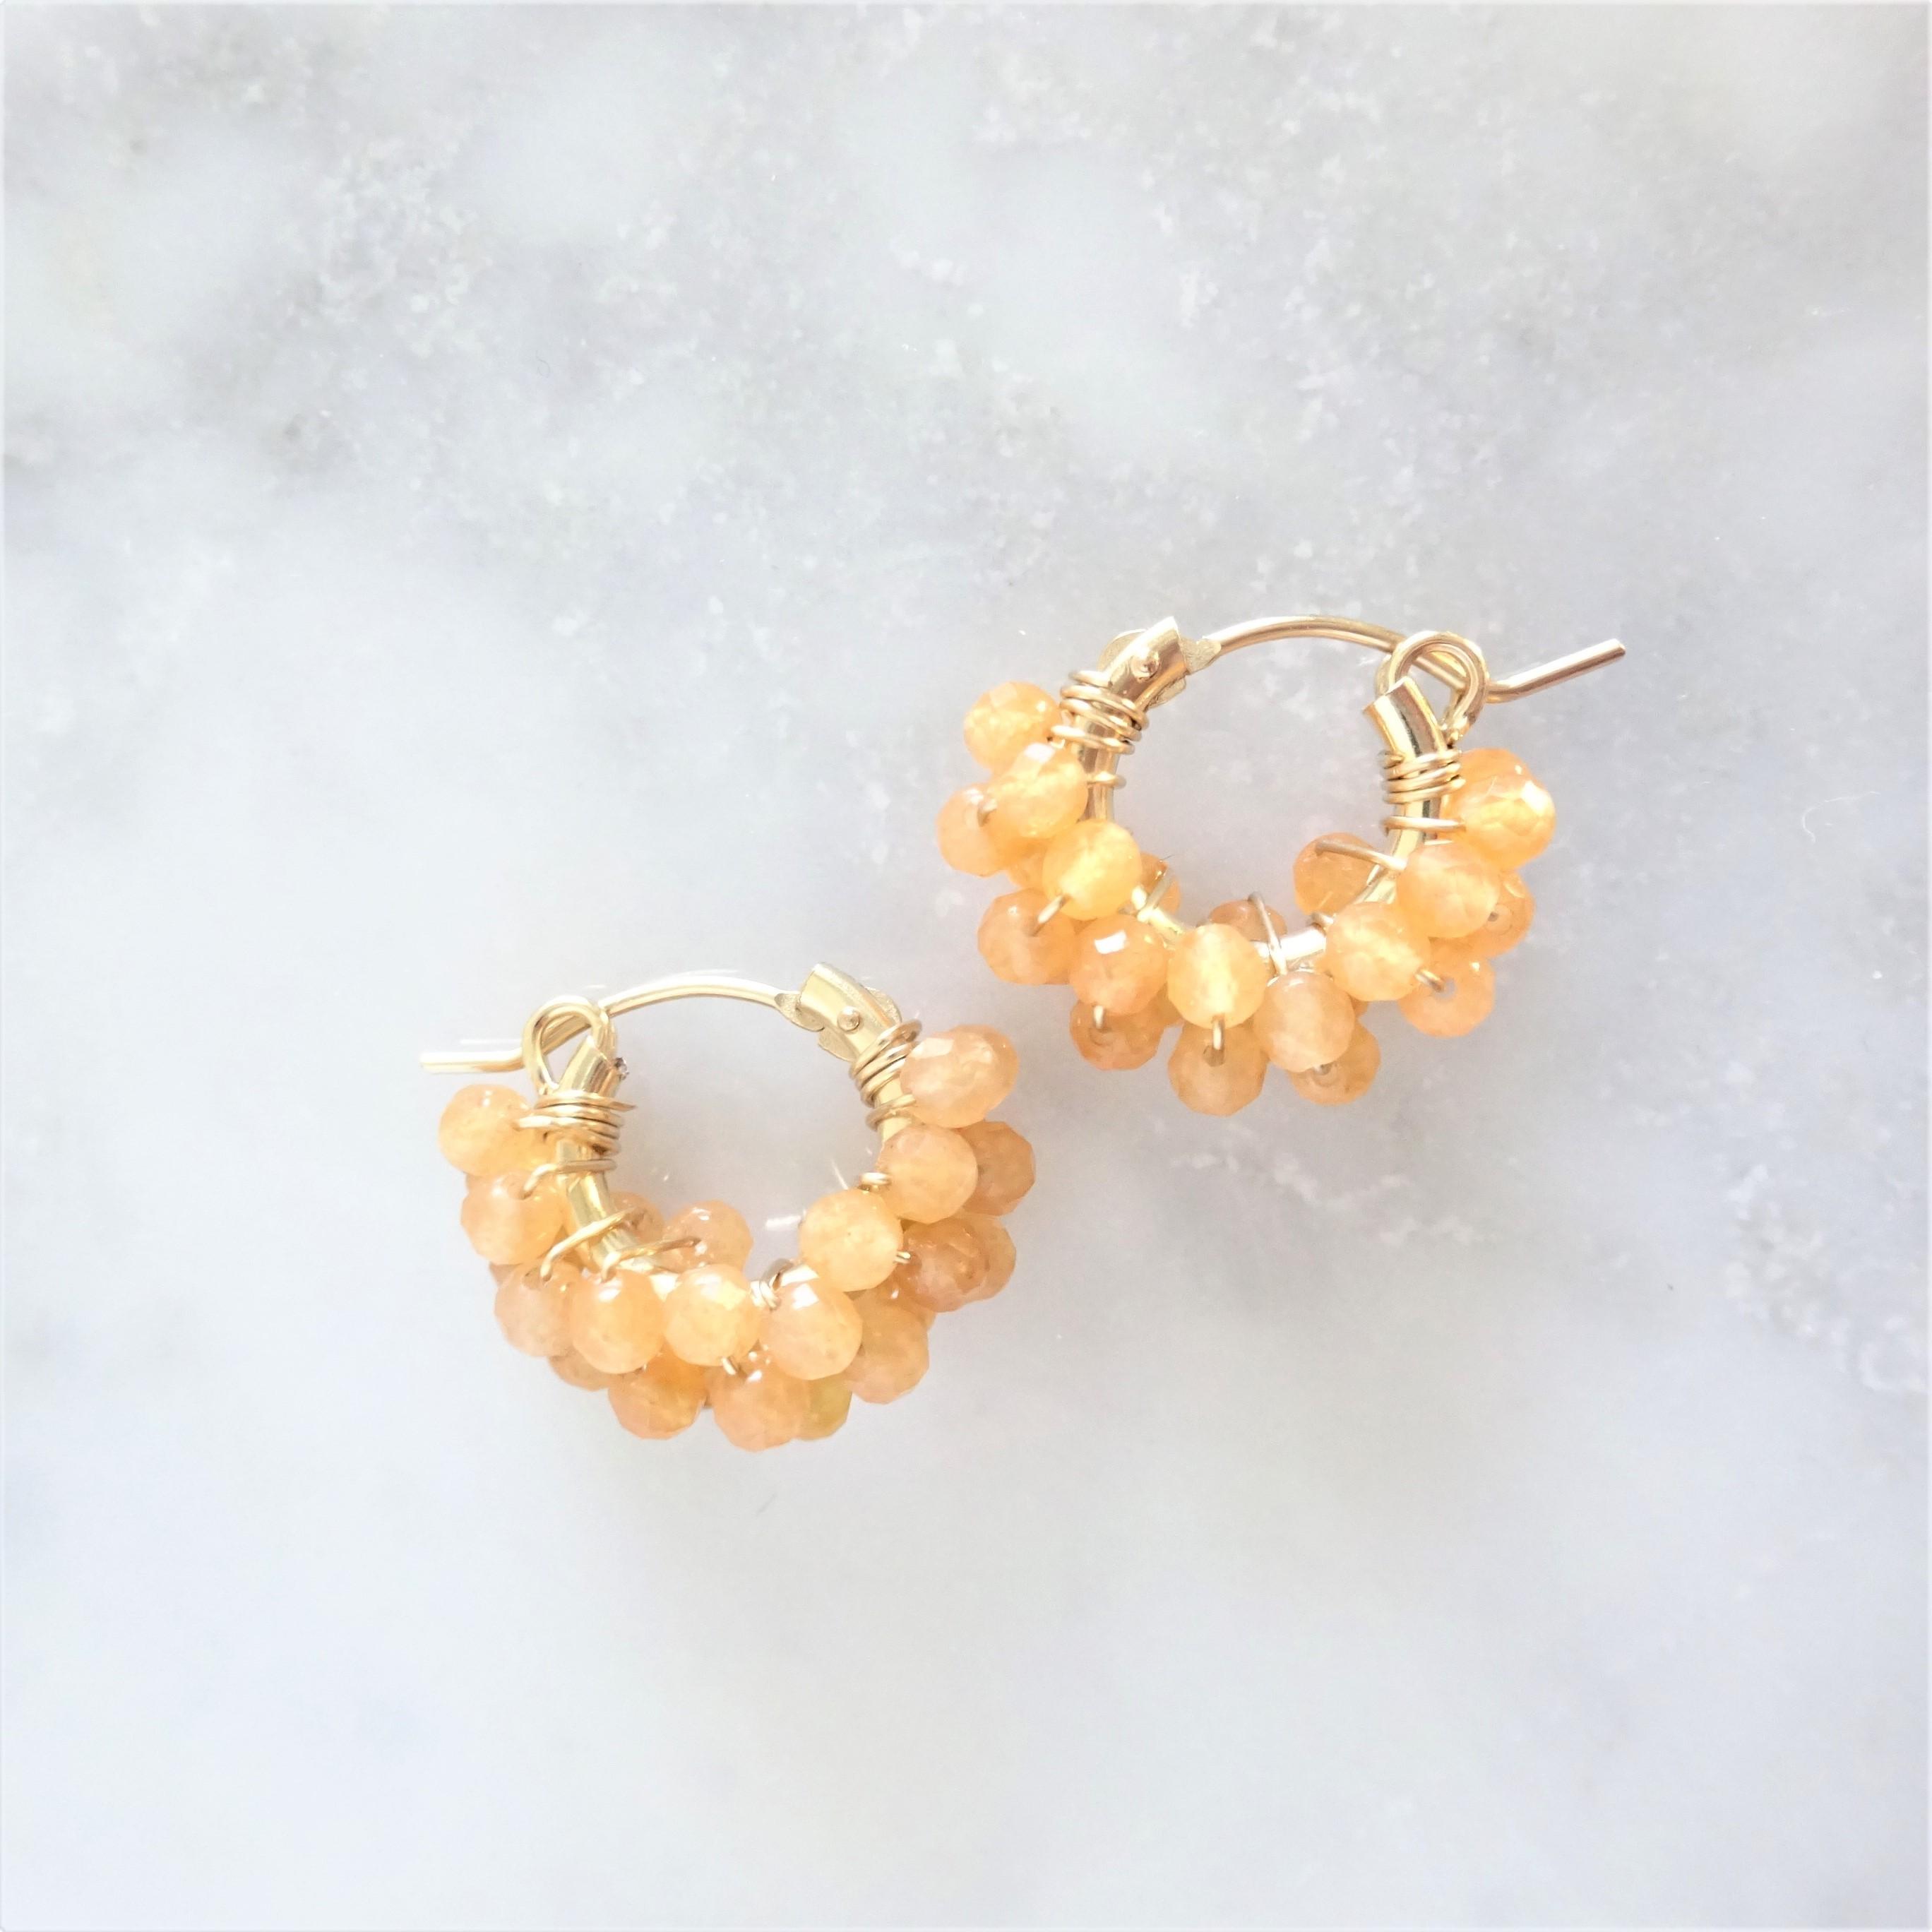 14kgf*Orange Aventurine pavé pierced earring / earring